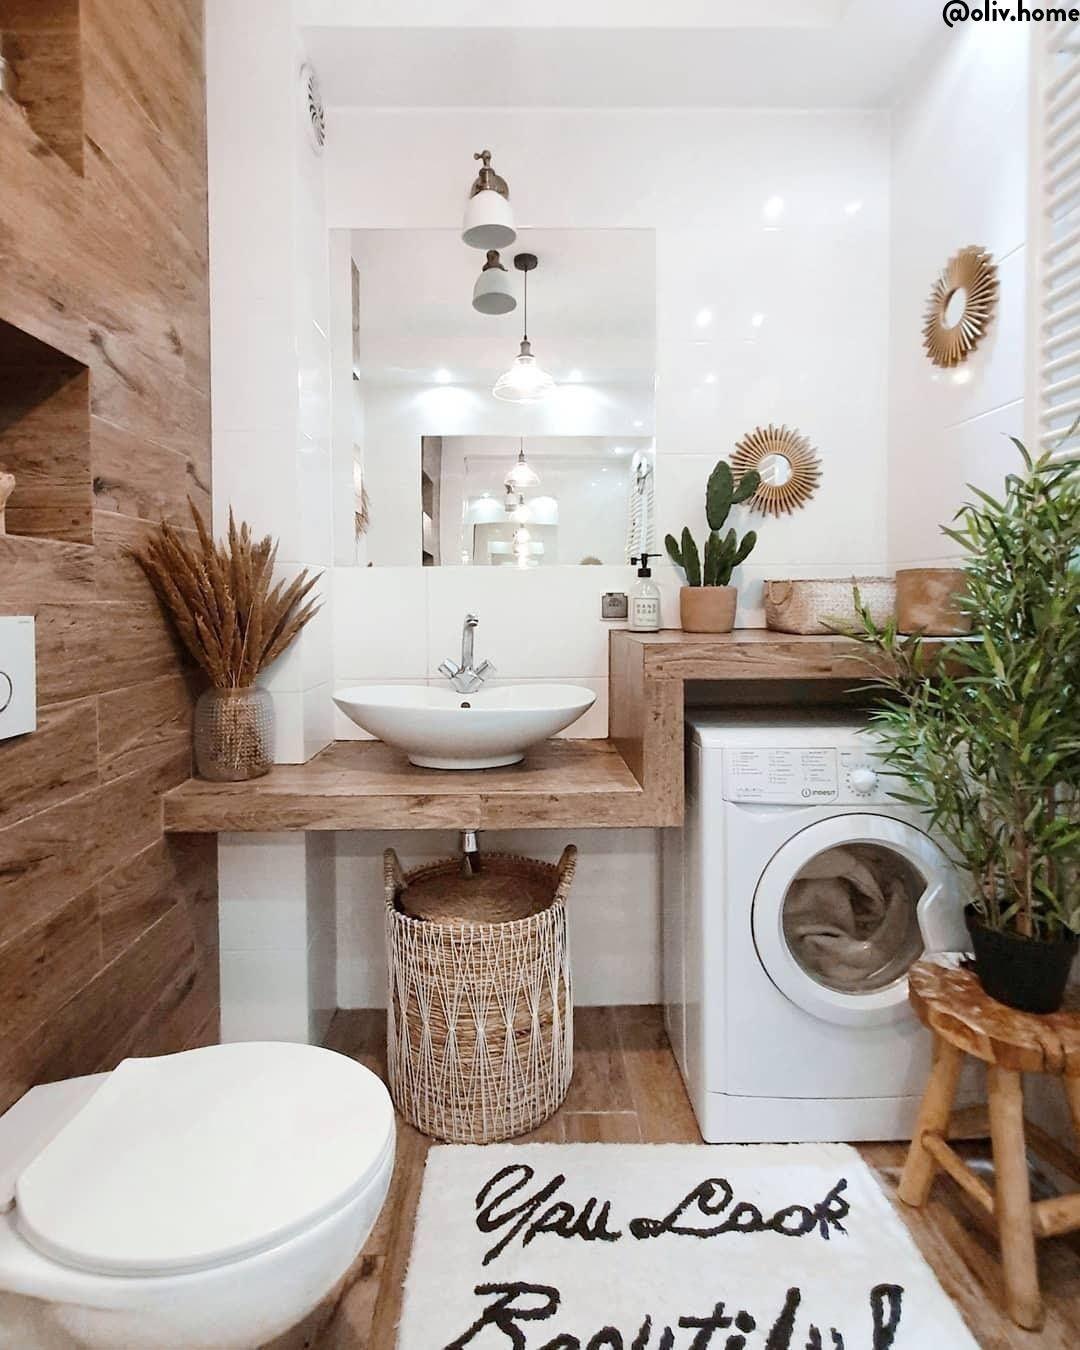 Ihr Mobel Interior Online Shop Westwingnow Waschkuchendesign Badezimmerideen Bad Inspiration